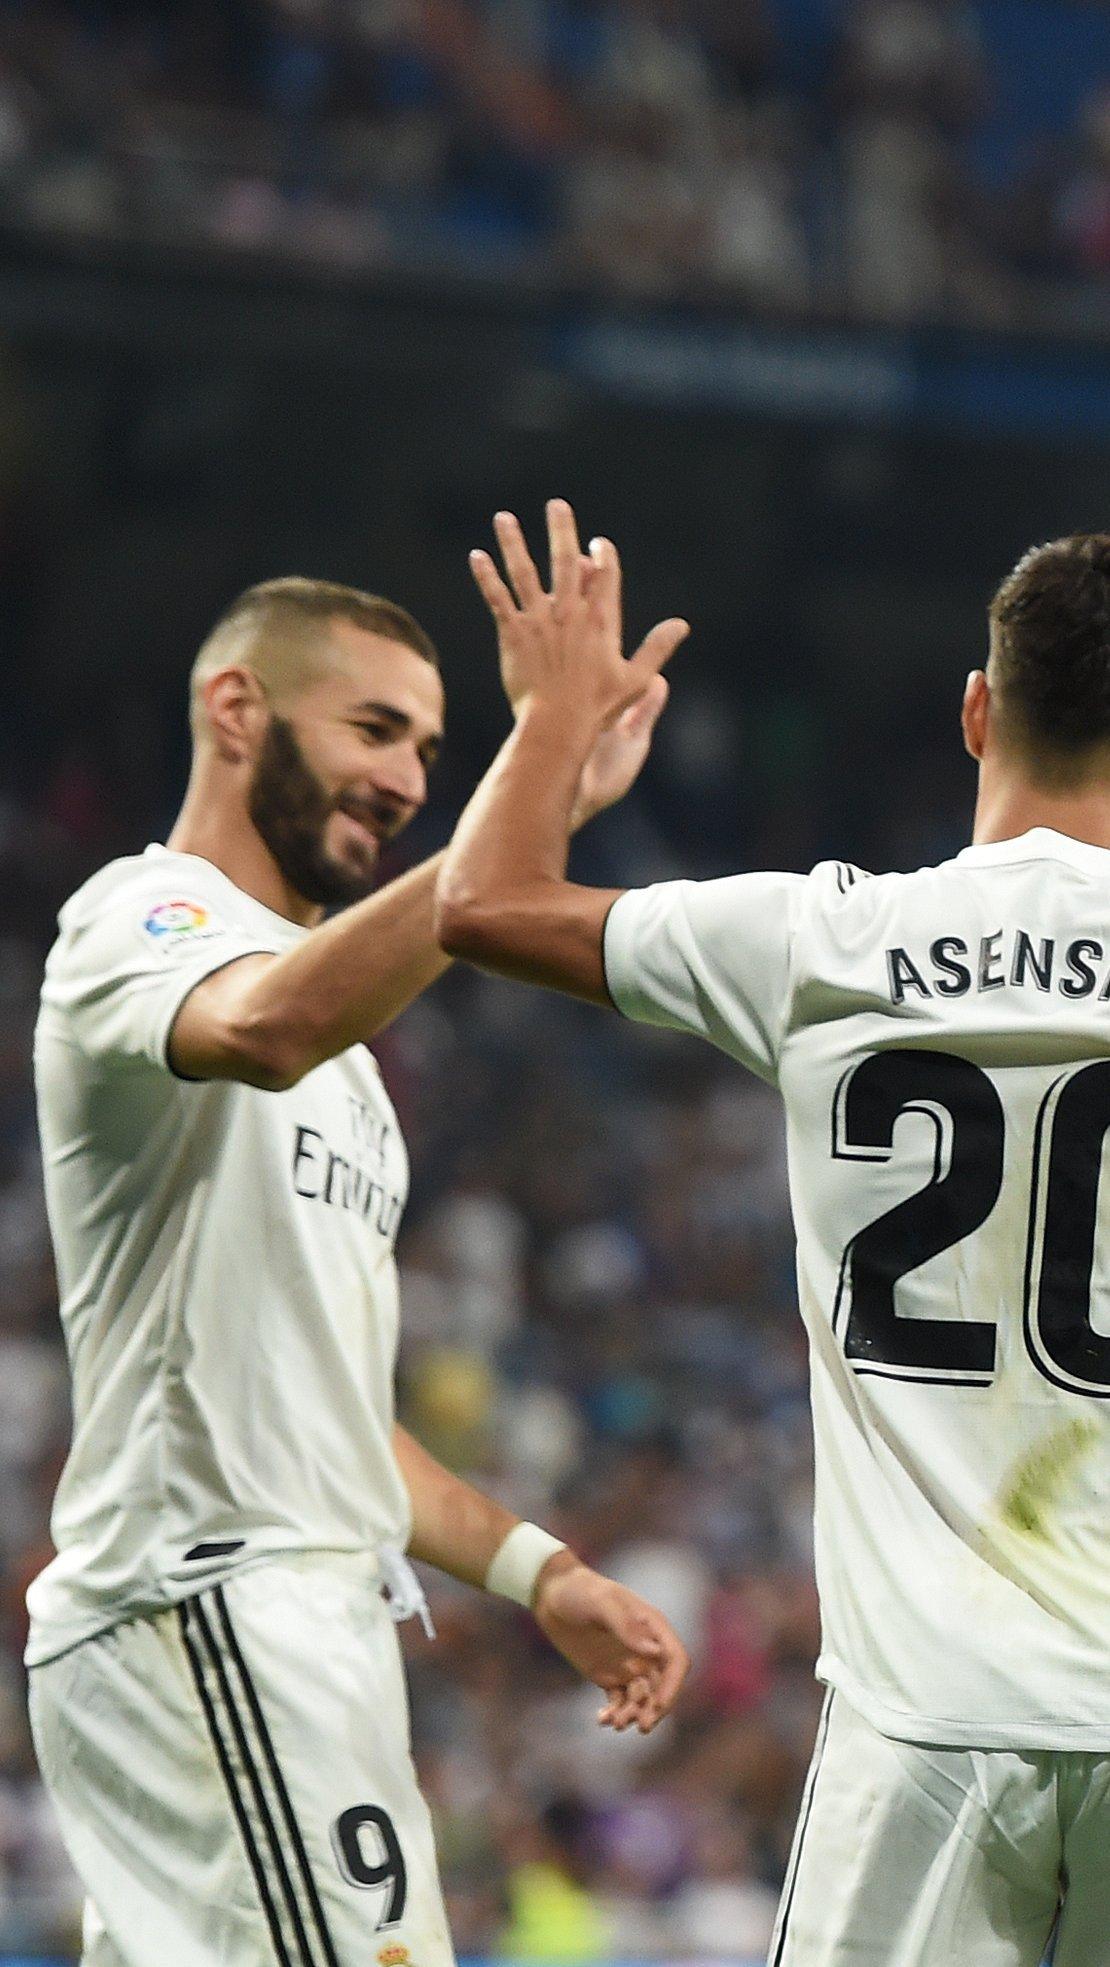 Fondos de pantalla Real Madrid festejando en partido Vertical